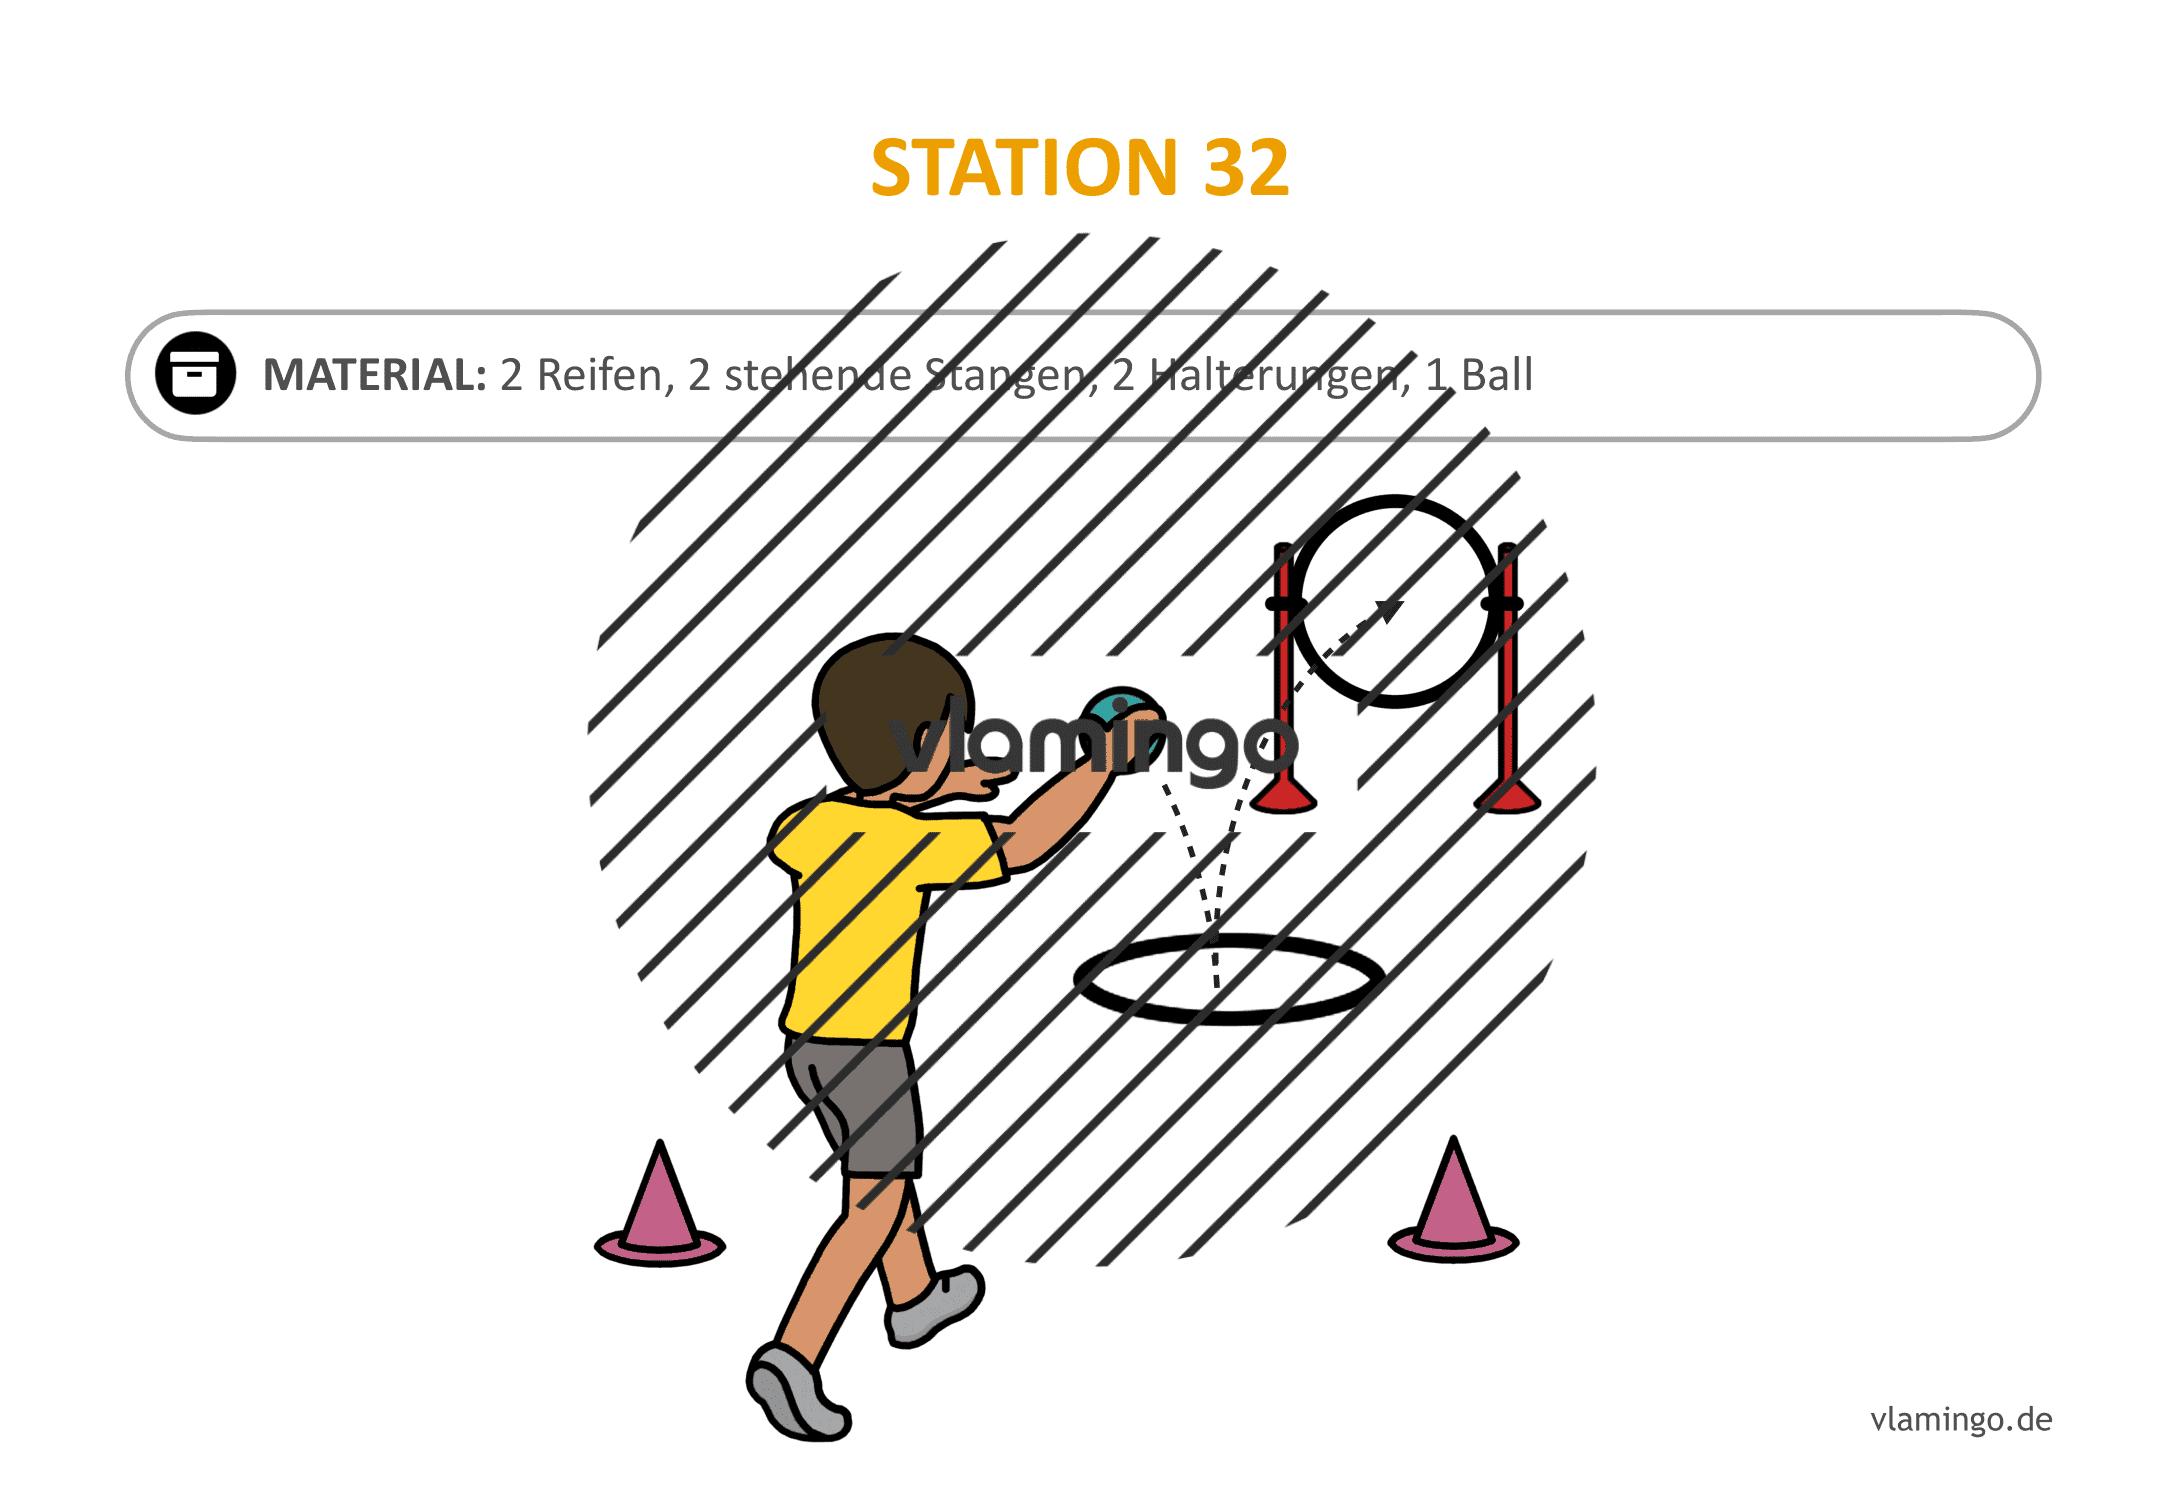 Handballgolf - Station-32